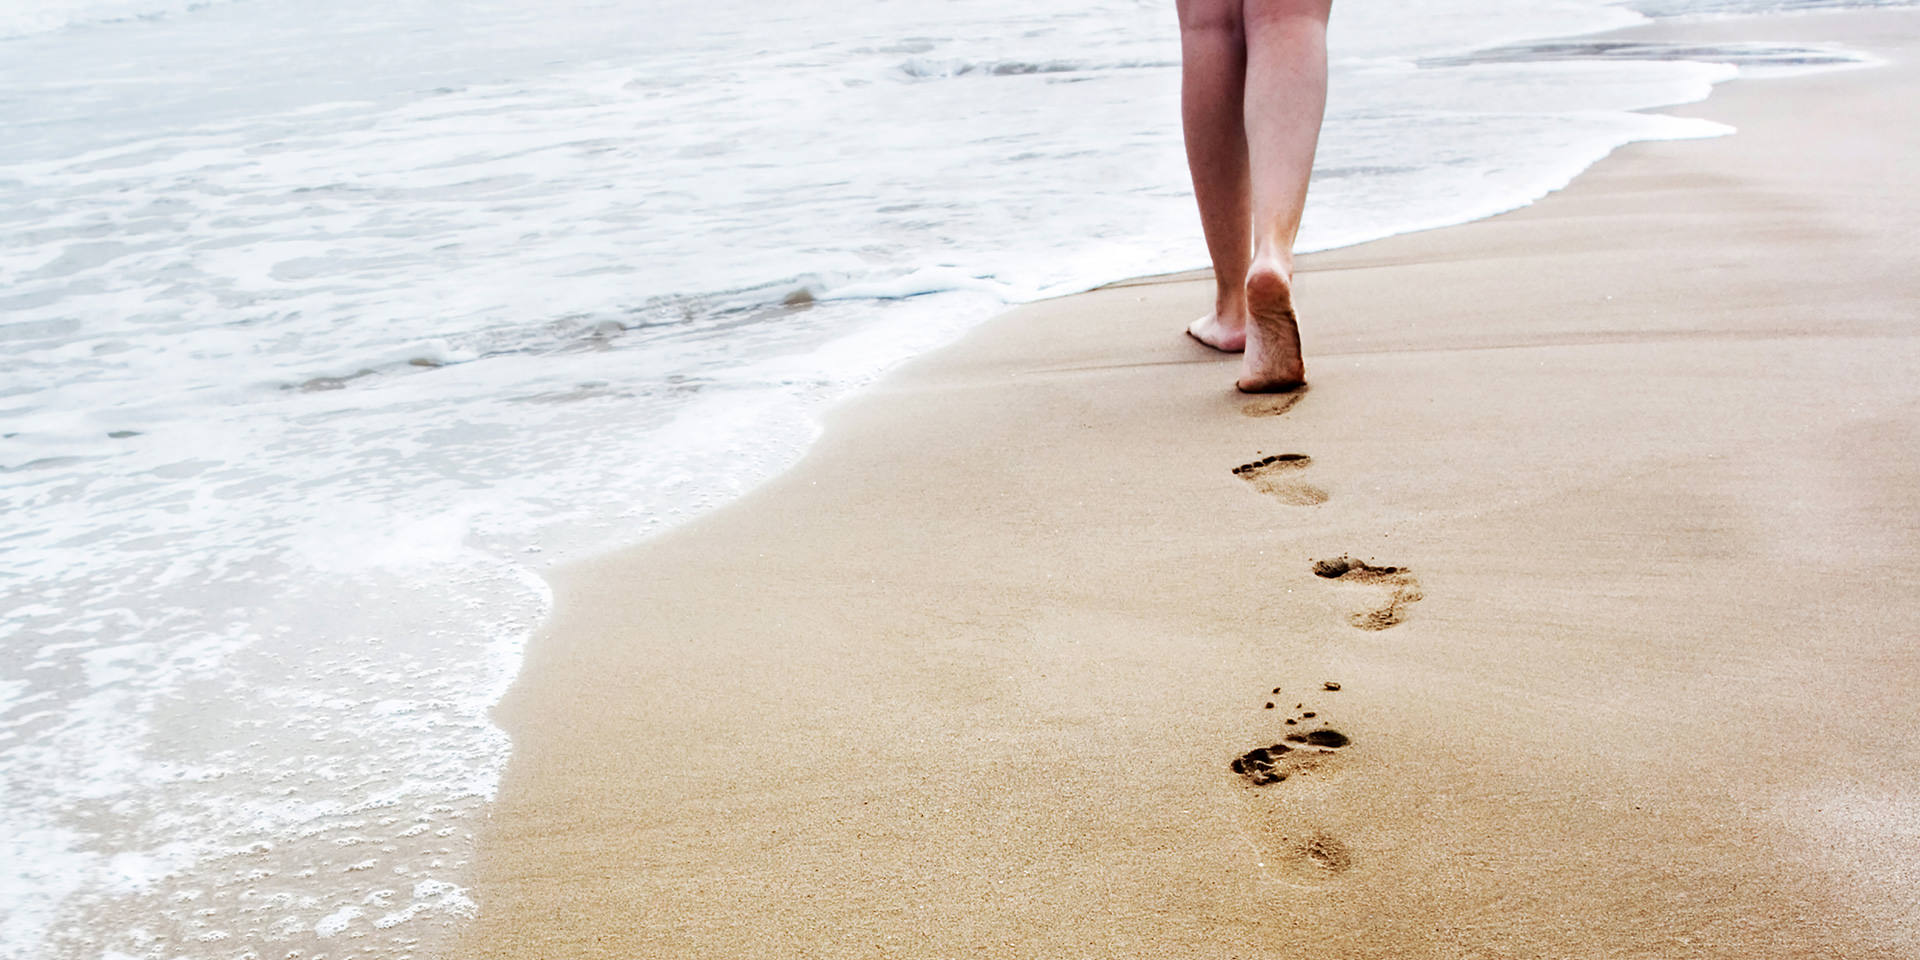 Barfuß am Meer im Sand laufen